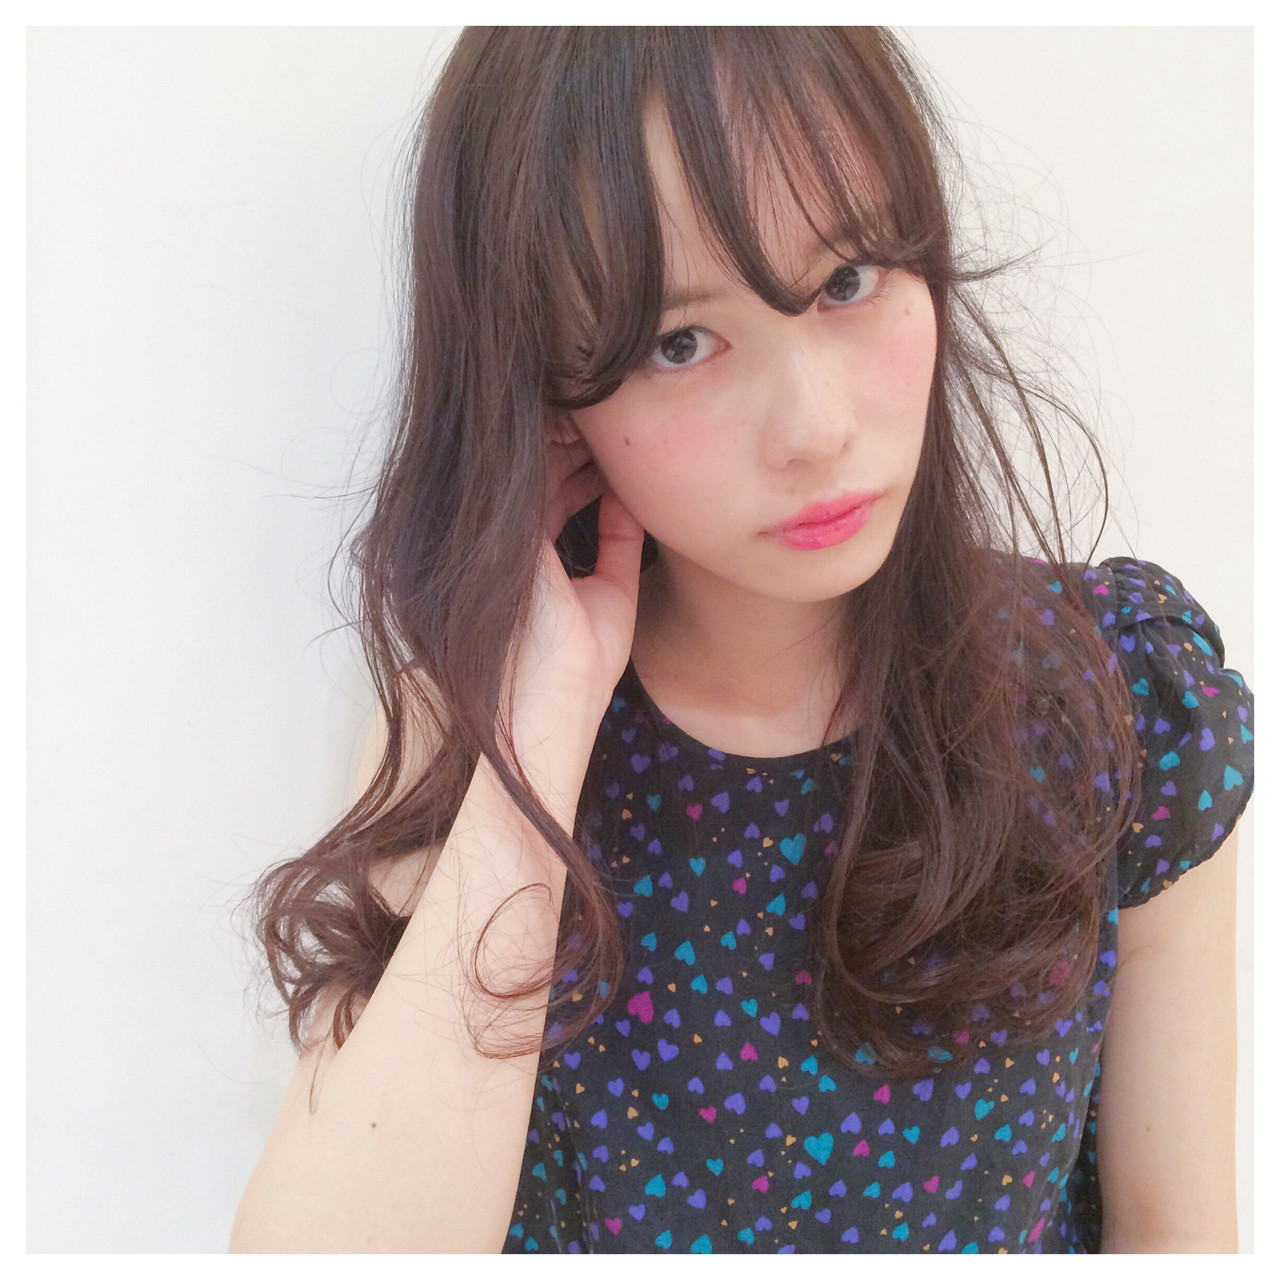 ガーリー 暗髪 ゆるふわ パーマ ヘアスタイルや髪型の写真・画像 | hashimoto/LOUIE / LOUIE